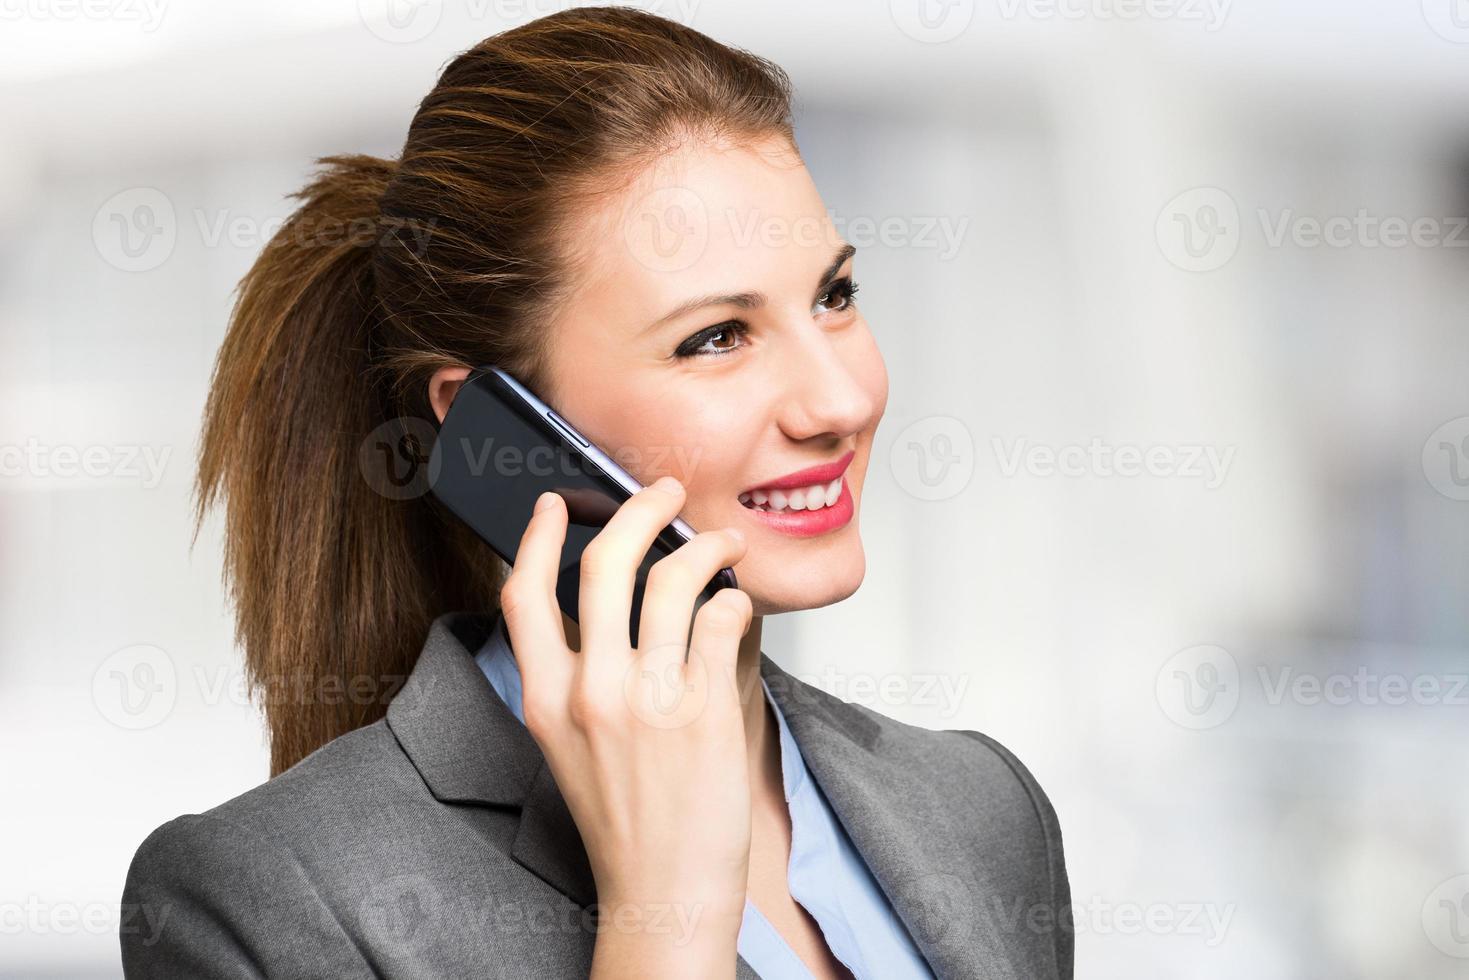 jovem mulher falando ao telefone foto